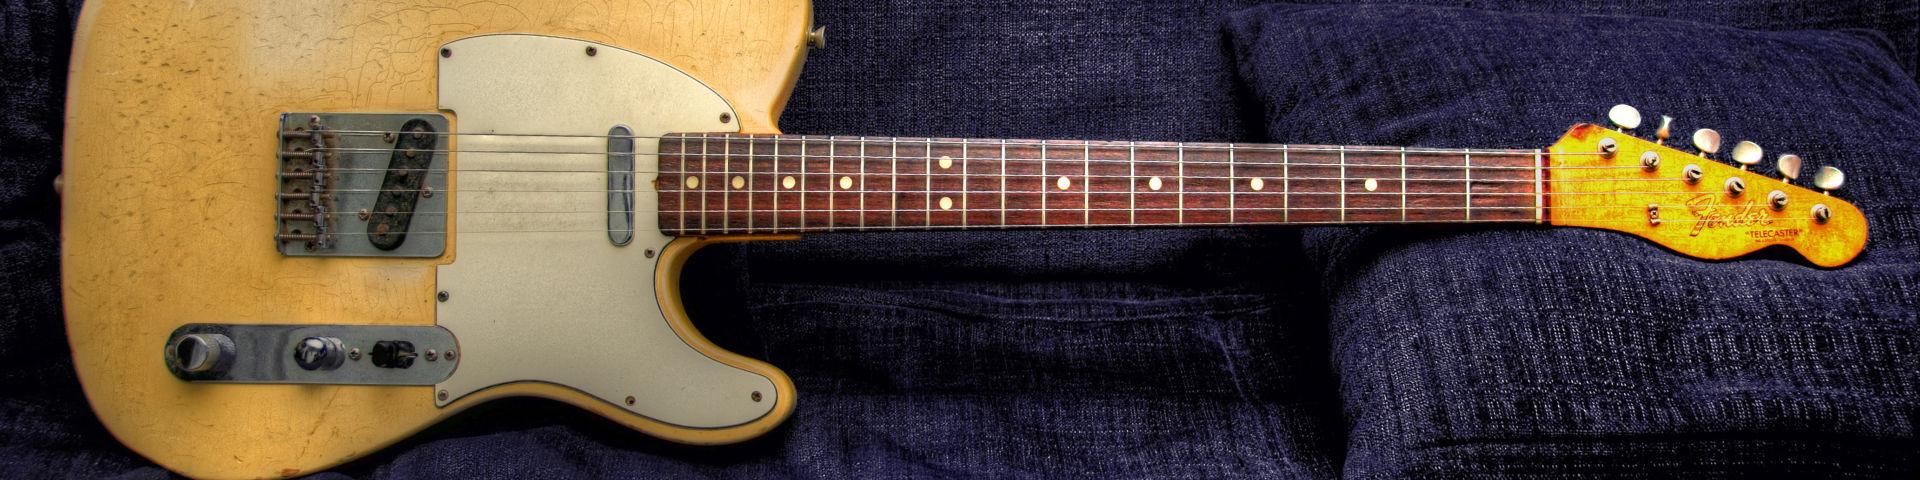 Telecaster - E-Gitarrenguru.de